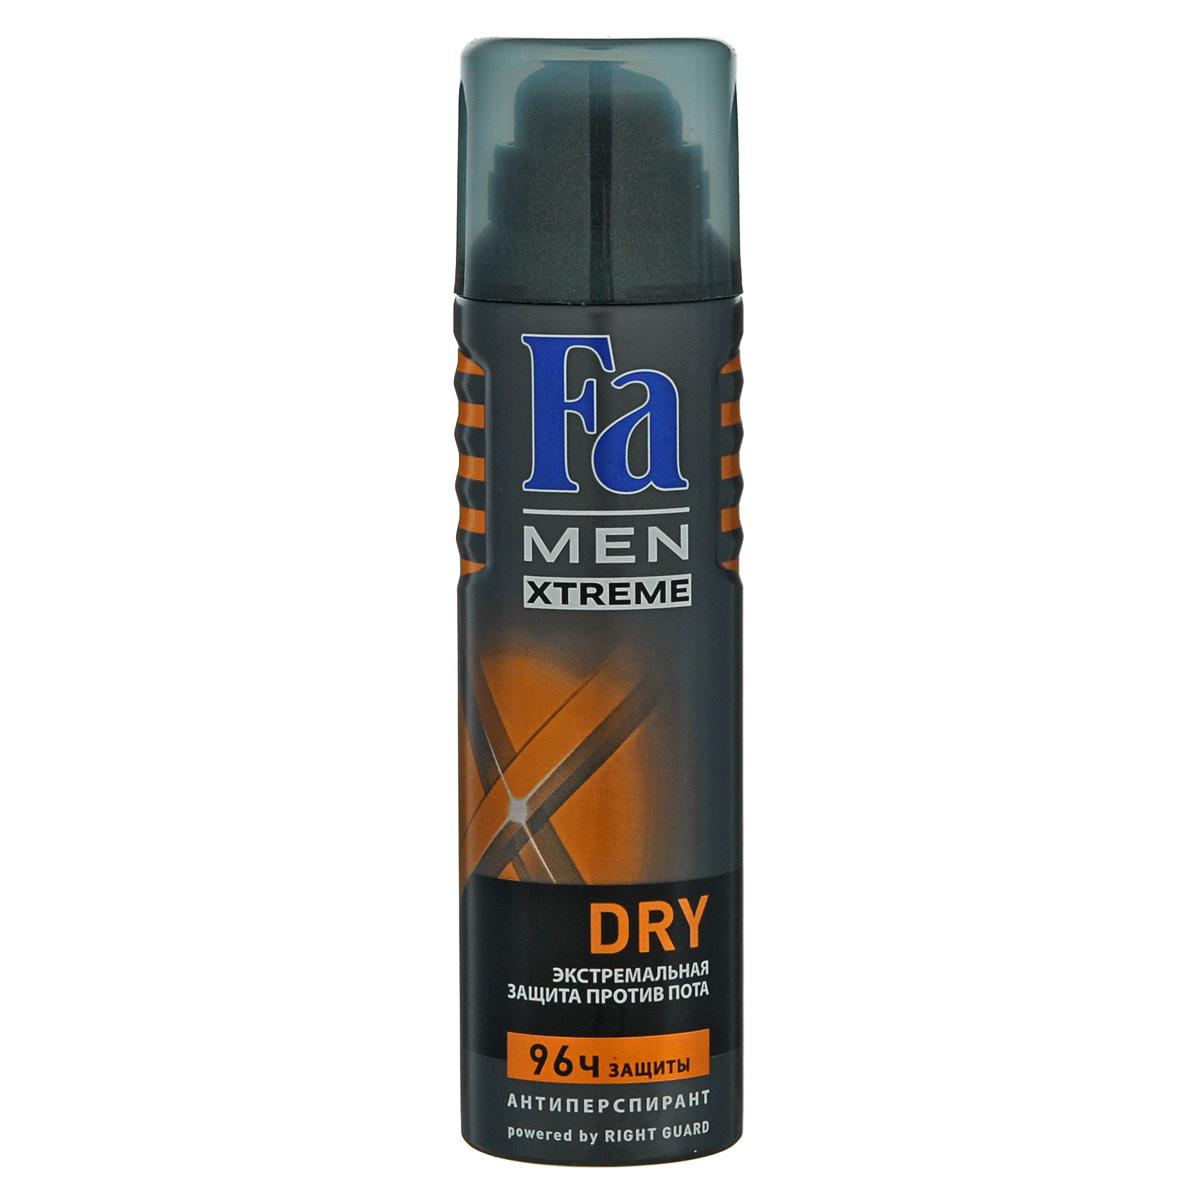 FA MEN Xtreme Дезодорант-аэрозоль Dry, 150 мл12083656Fa MEN Xtreme Dry 96 ч – Экстремальная защита против потоотделения. Инновационная формула с технологией Sweat Detect борется с потом еще до его появления.Формула с микроабсорбентами и антибактериальными ионами серебра.0 % спирта. Также почувствуйте притягательную свежесть, принимая душ с гелем для душа Fa Men.